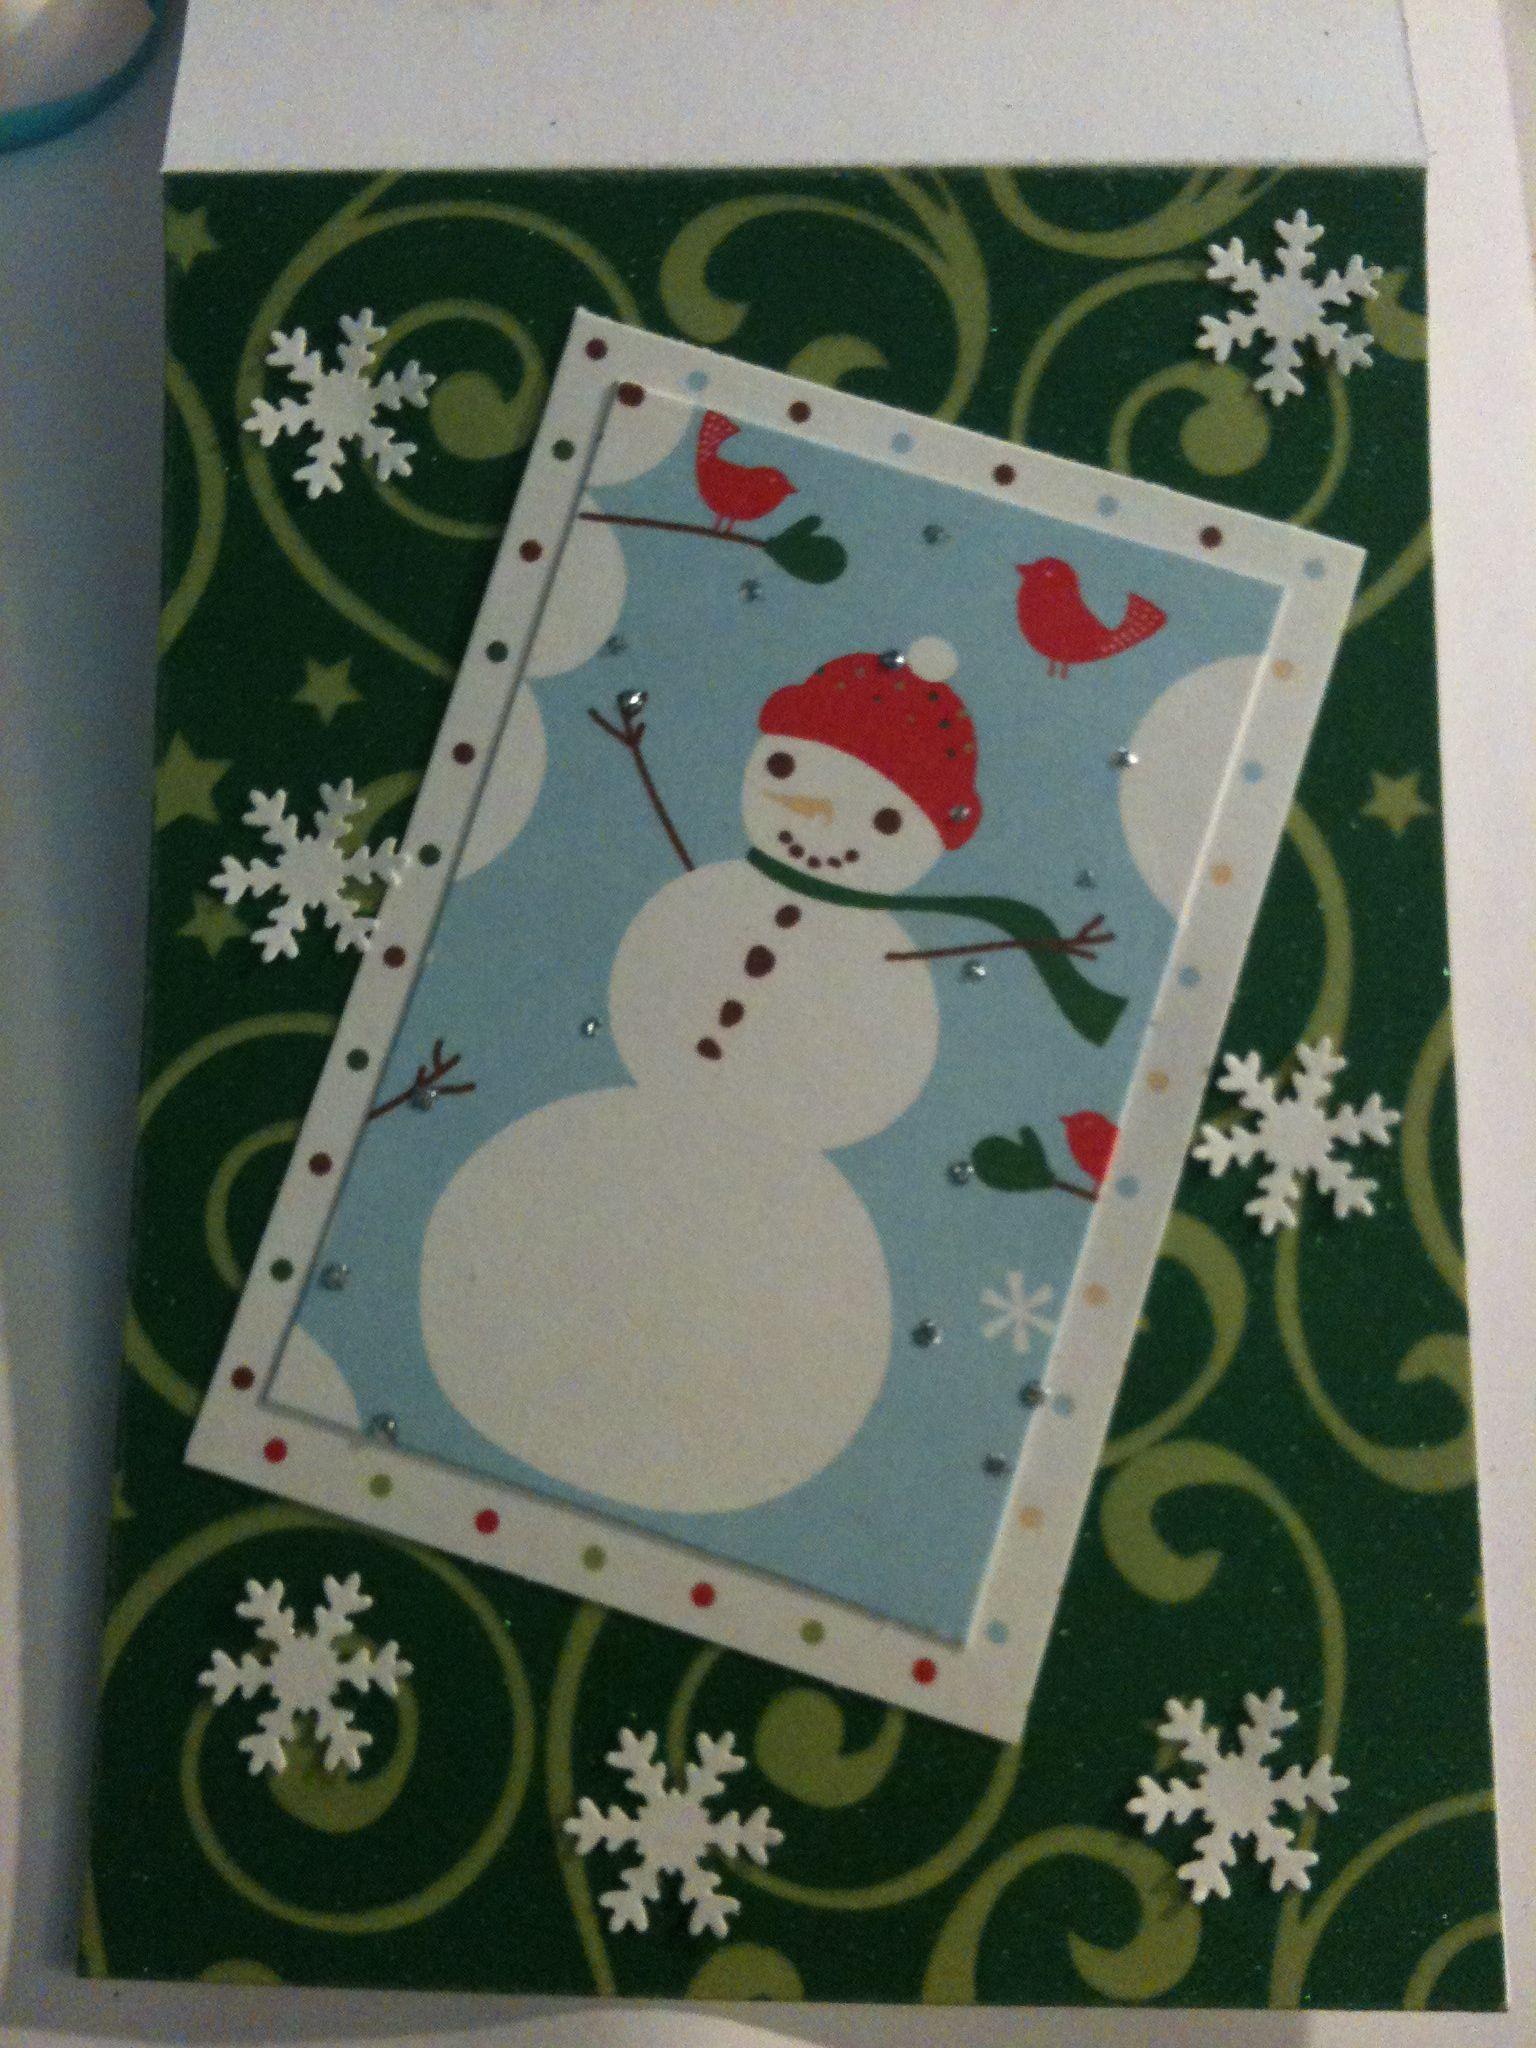 Handmade snowman christmas card my handmade cards for Handmade snowman christmas cards